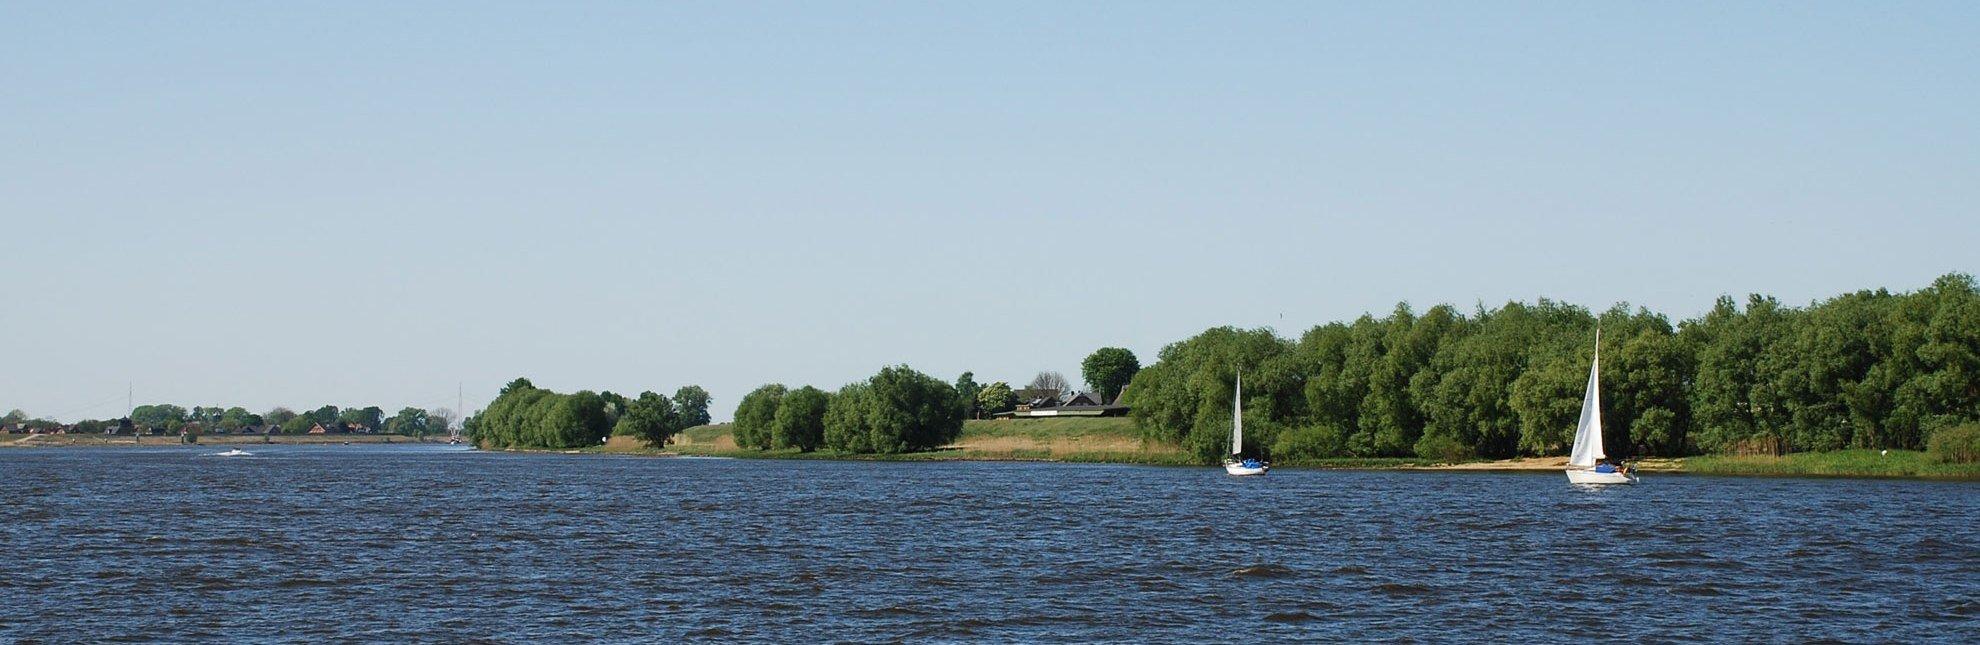 Segelboote segeln auf der Elbe in der Nähe von Geesthacht